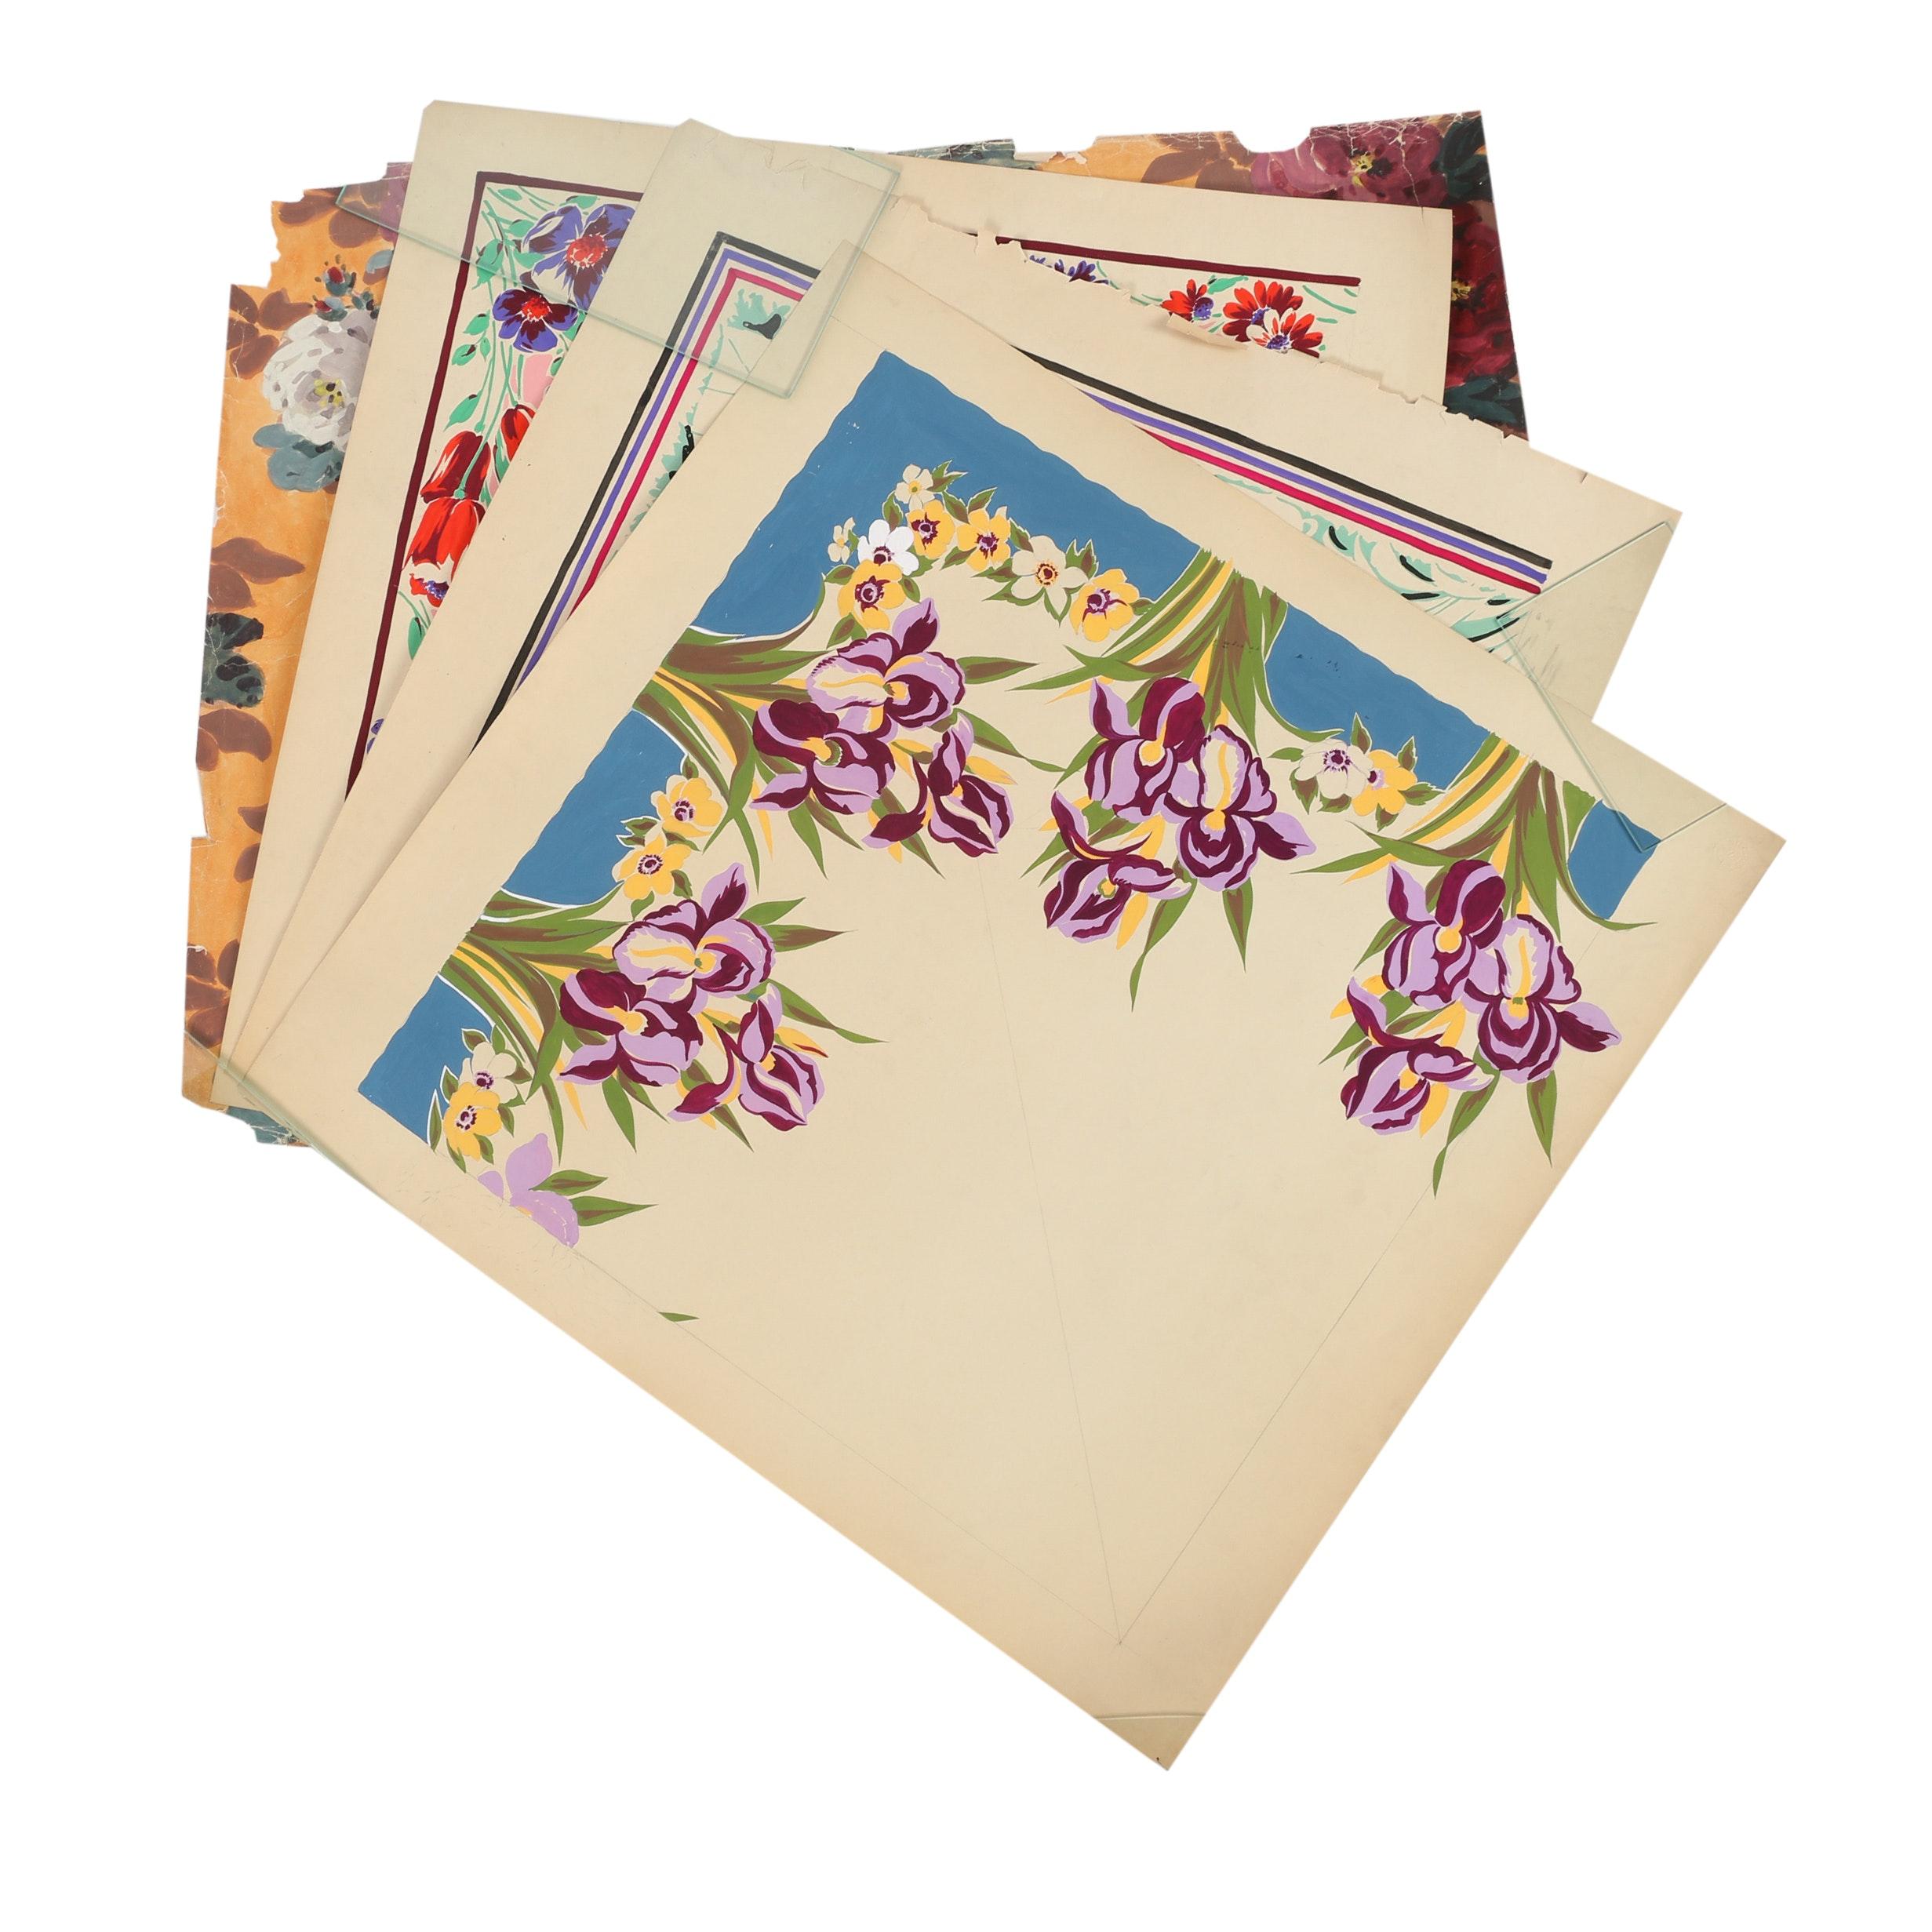 A. Sirooni Inc. Gouache Textile Designs